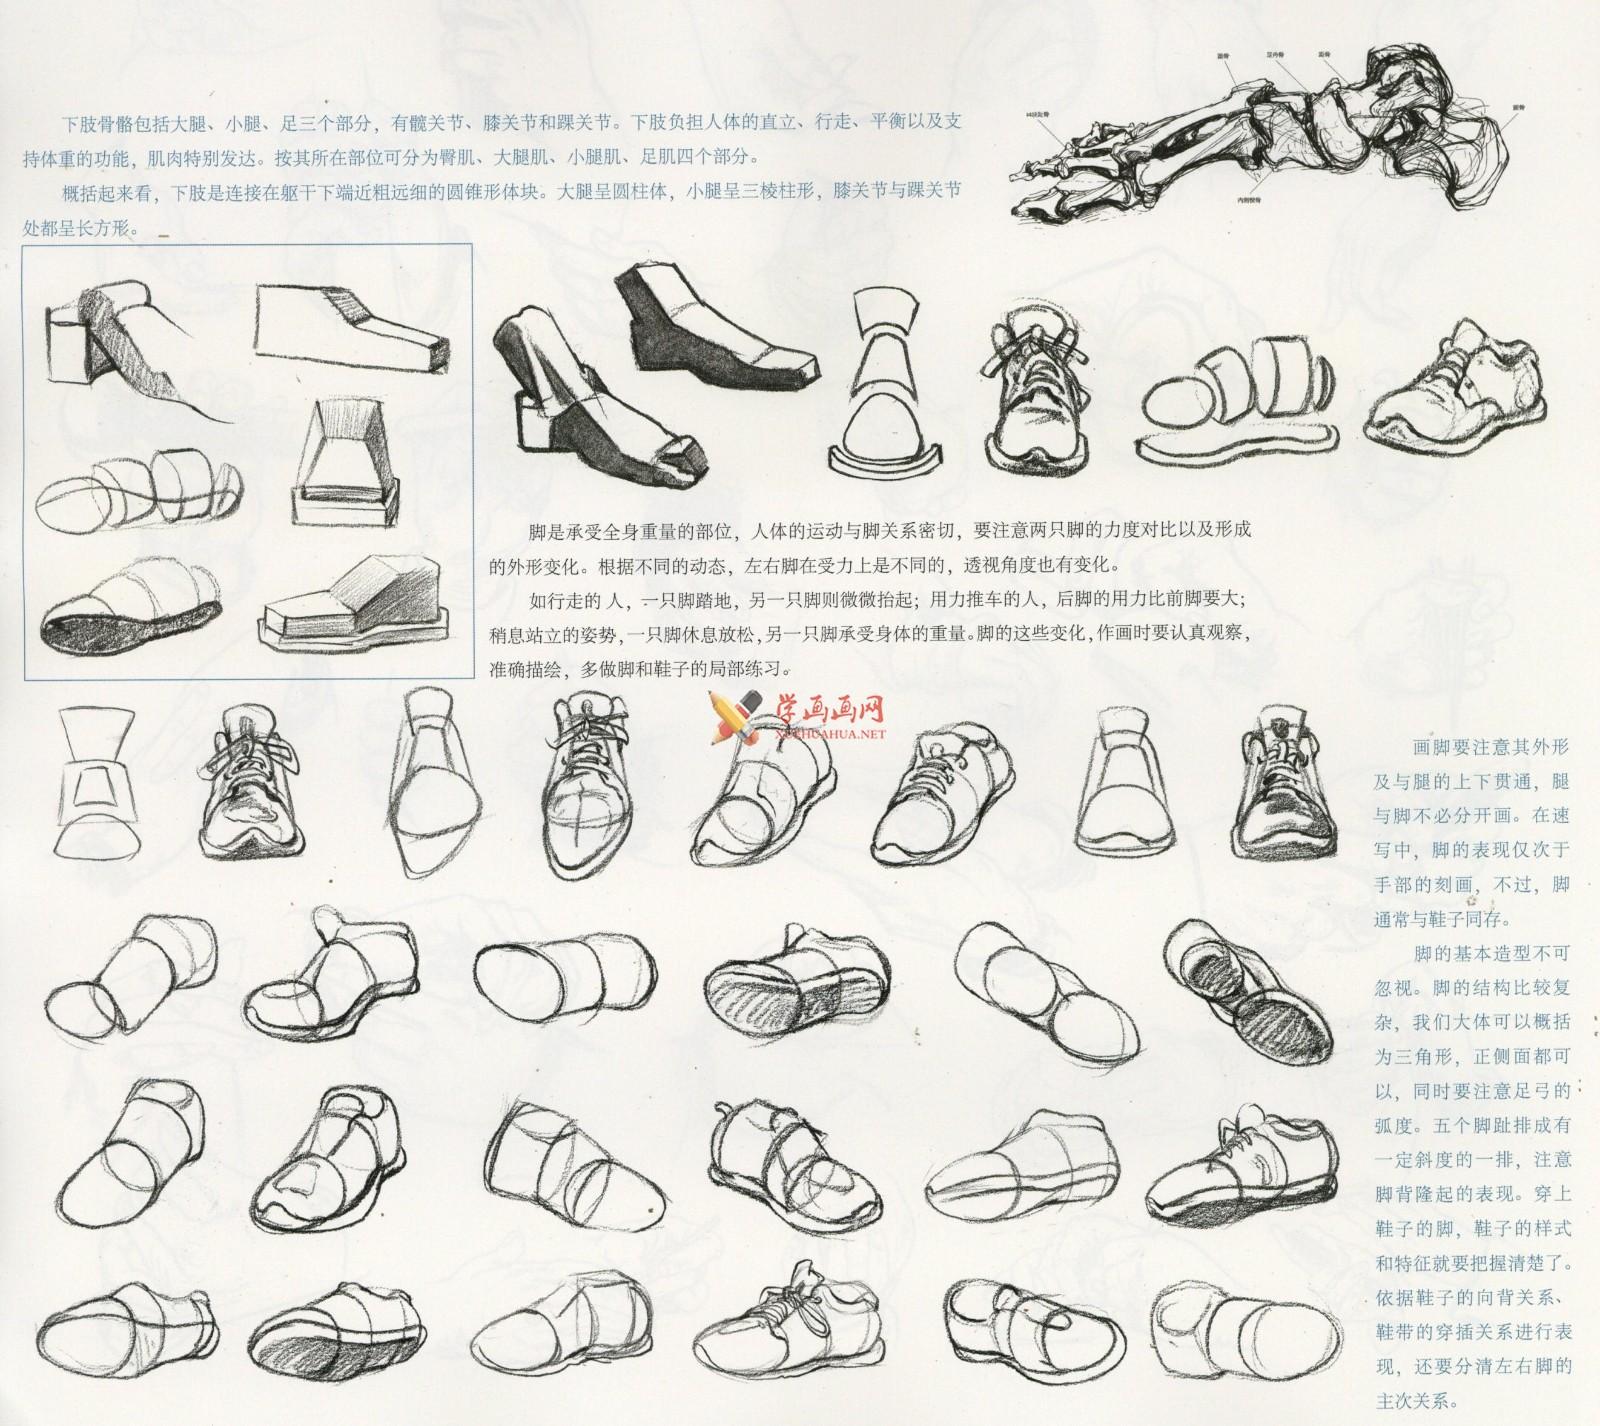 人物速写:鞋子的画法及各角度鞋子的速写画法临摹图片范画(1)